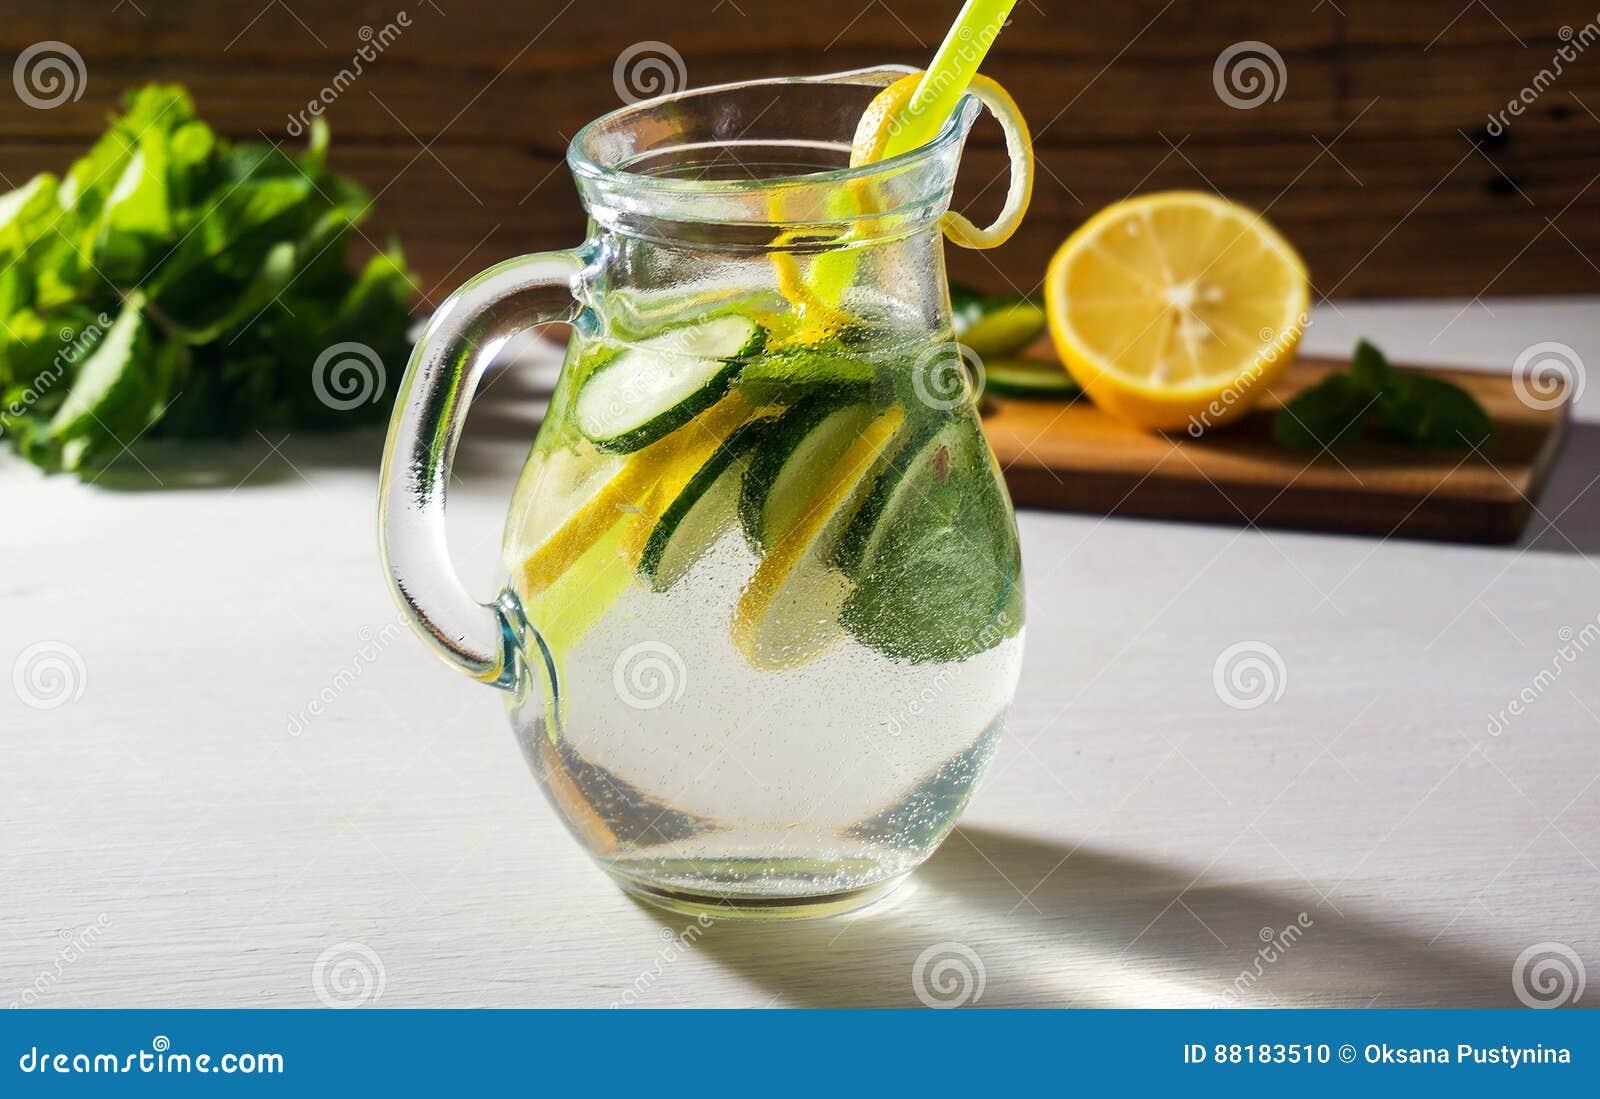 Wasser Detox Mit Frischer Gurke Und Zitrone Gesundes Getränk ...